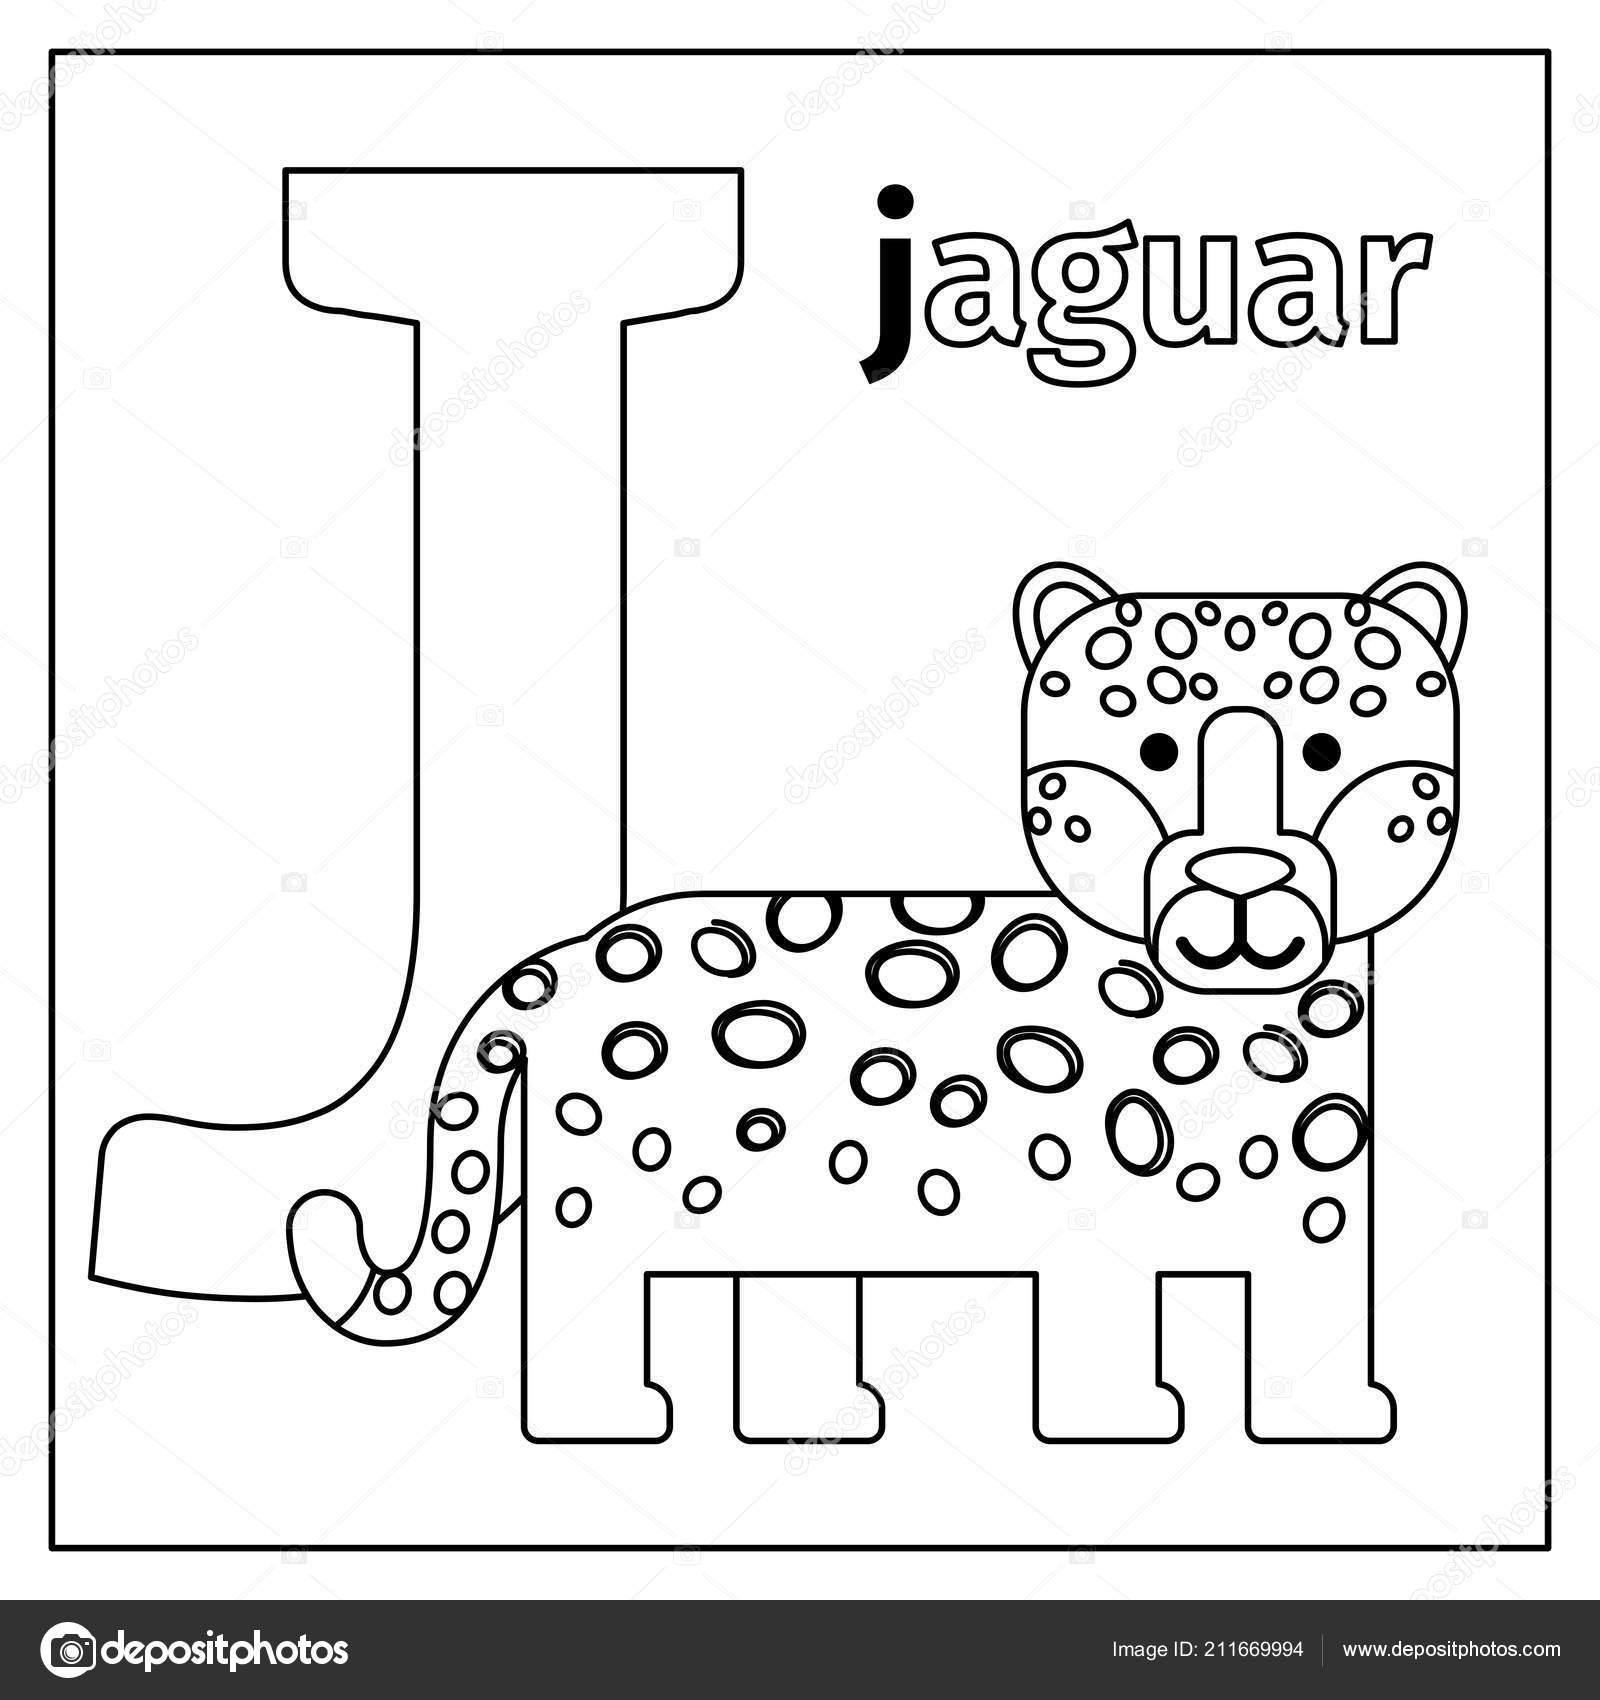 Jaguar Malvorlagen Buchstaben J Stockvektor Ssstocker